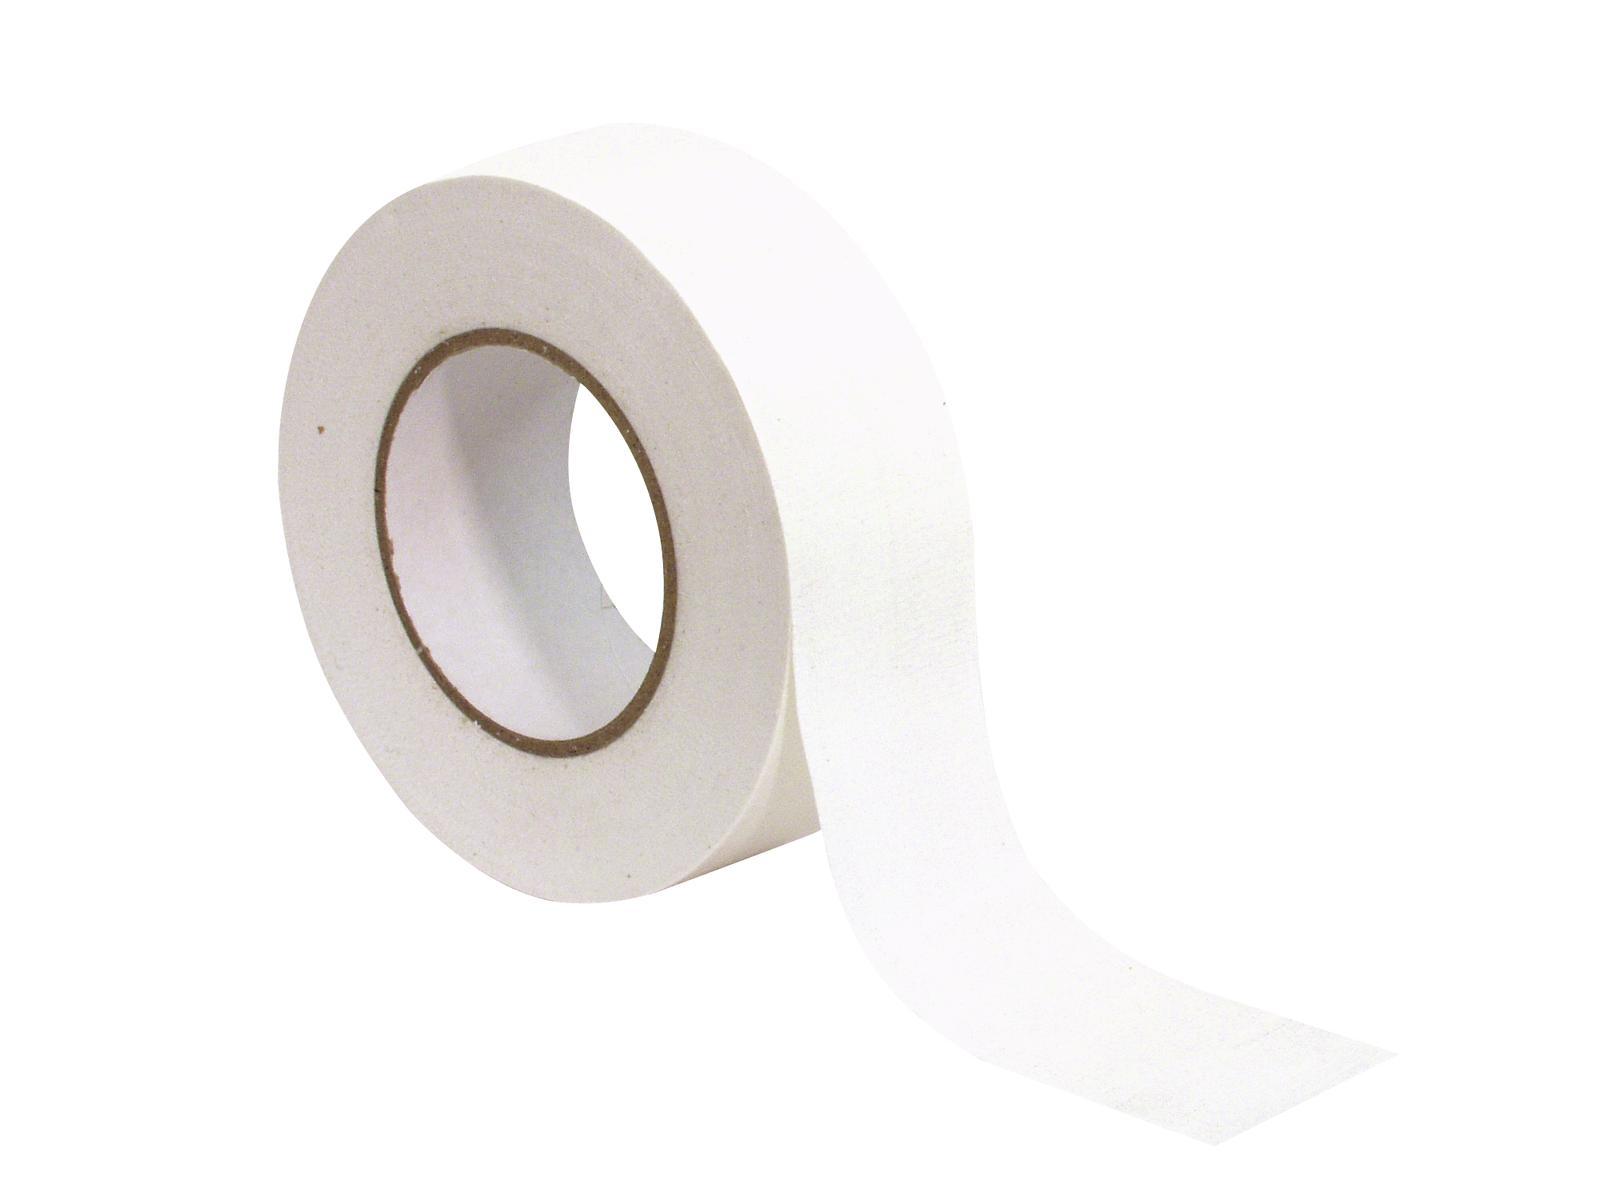 ACCESSORY Tape Gaffa Tape Stan